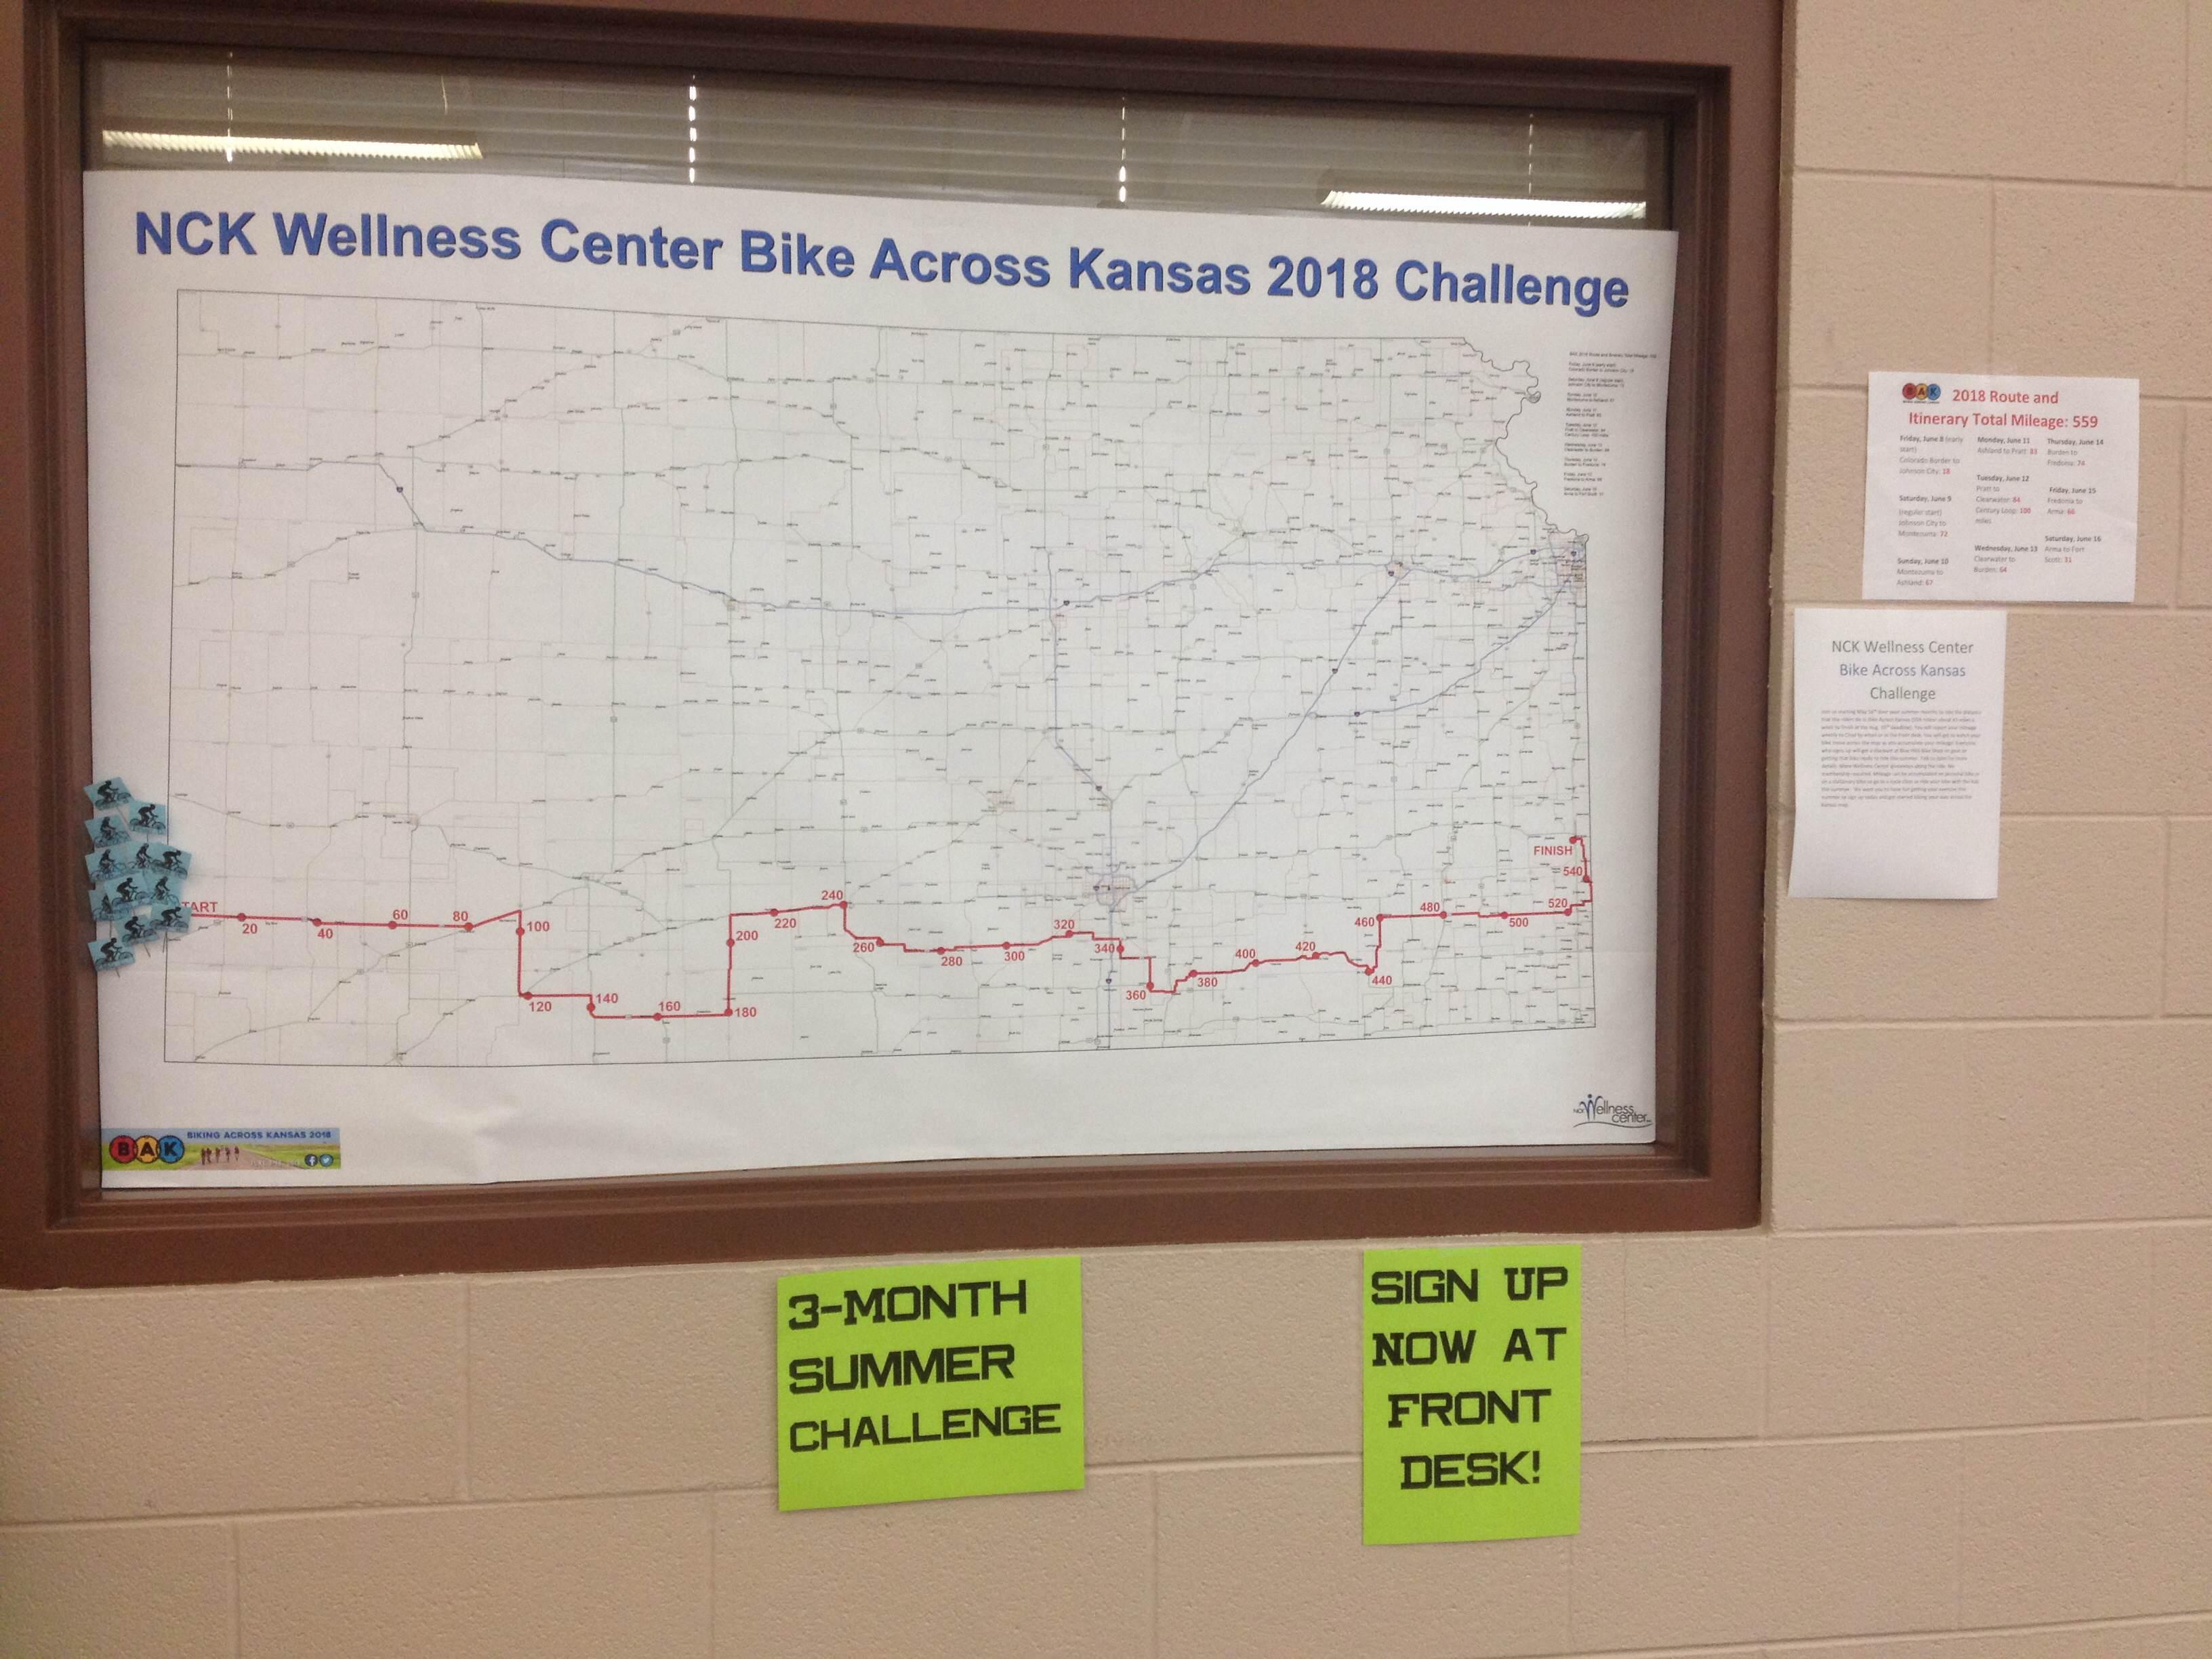 Summer Challenge Bike Across Ks